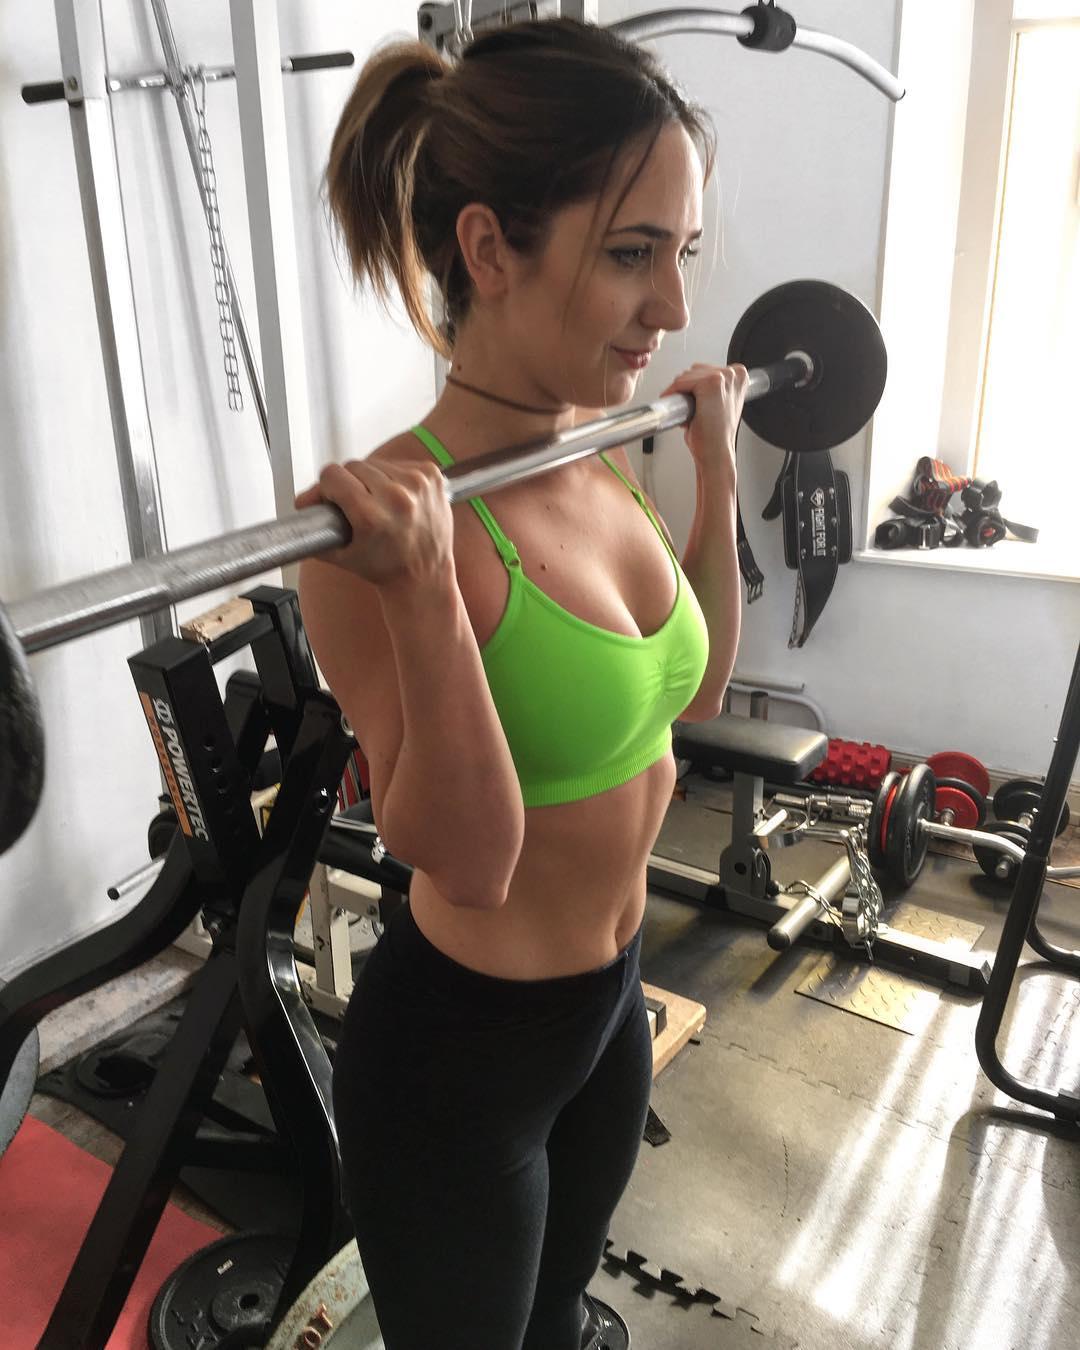 Musculation femme à domicile - LA MÉTHODE STREET 8a8c22bc0e0